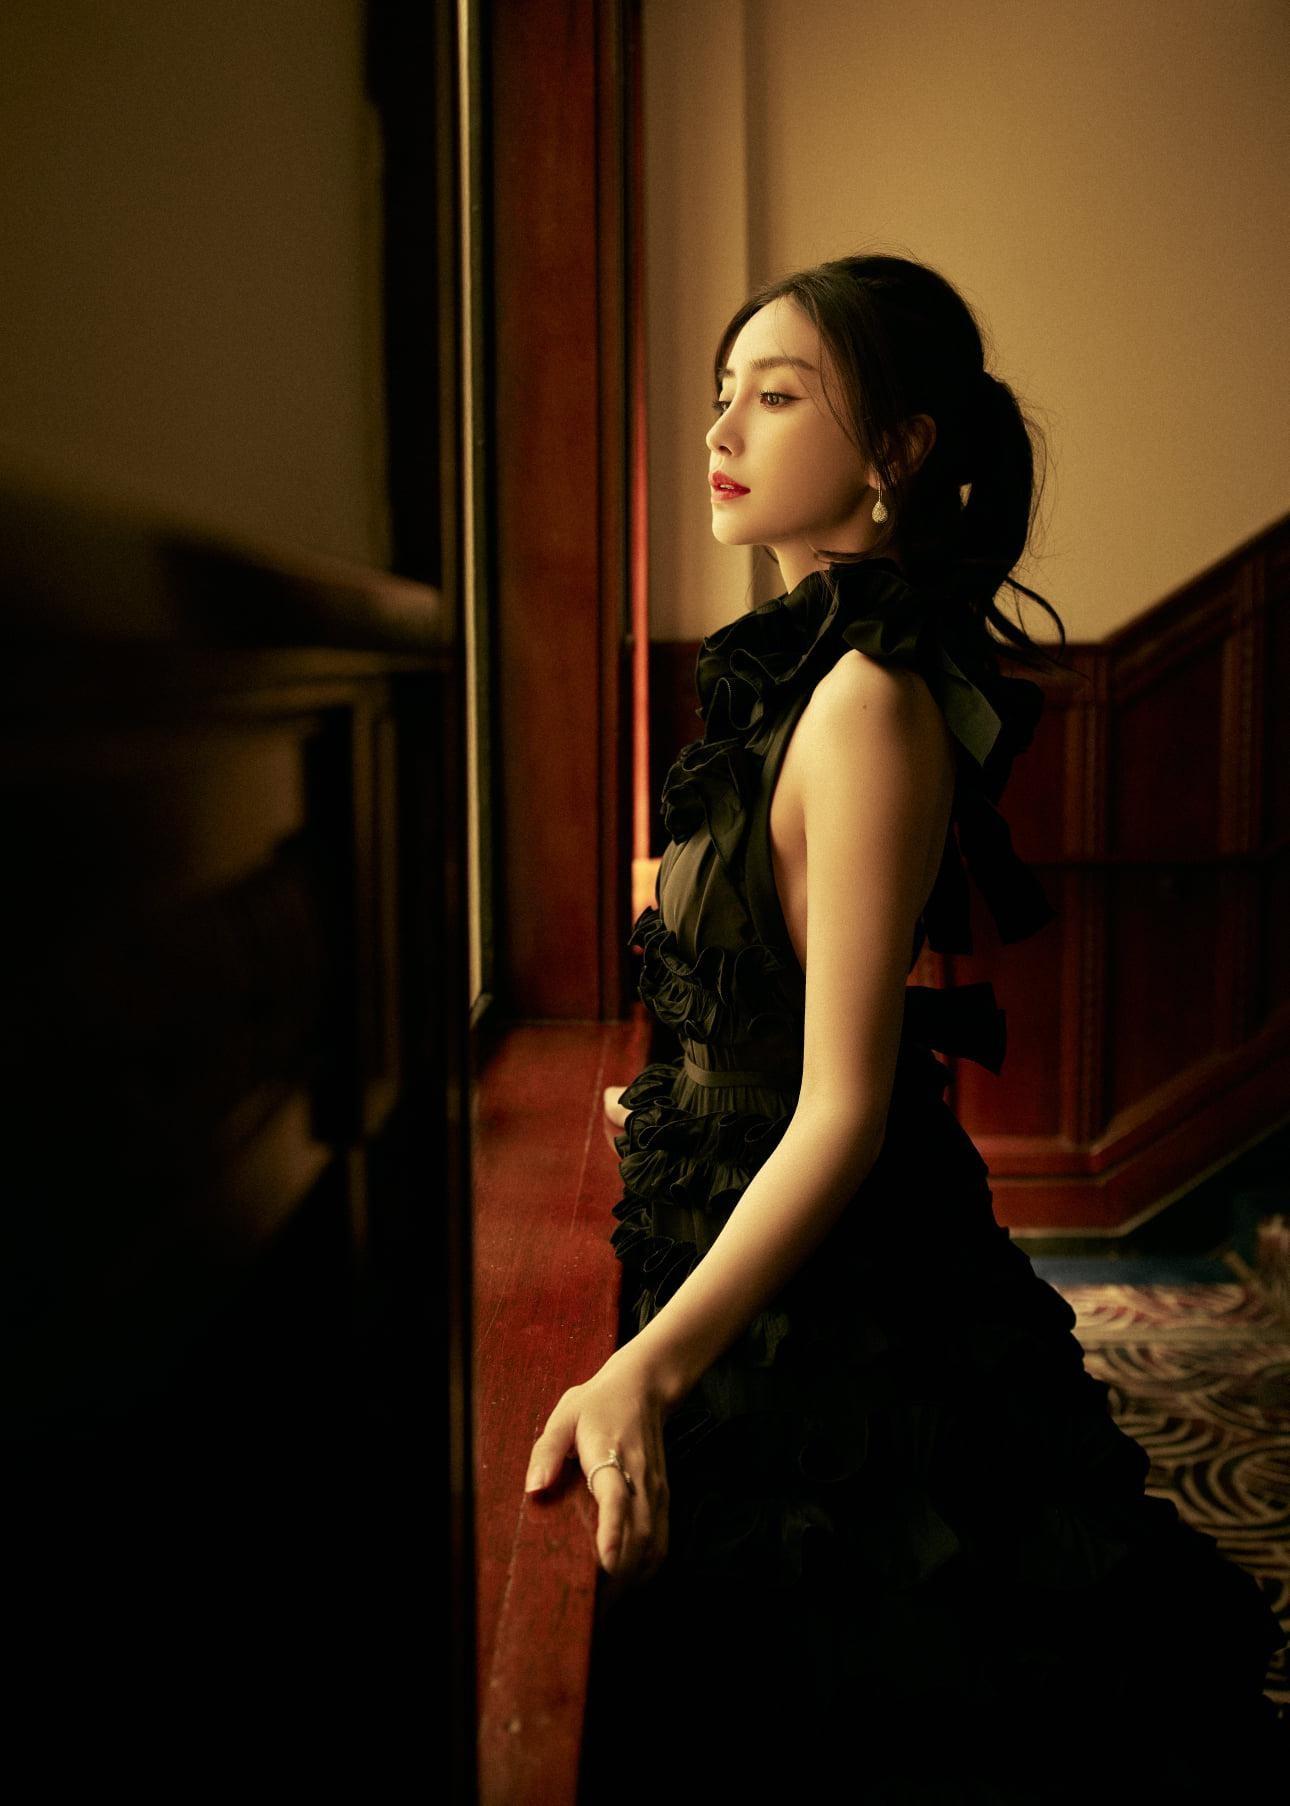 Angela Baby gây thất vọng vì diện đồ Haute Couture trên thảm đỏ khác xa ảnh chụp studio ảnh 3